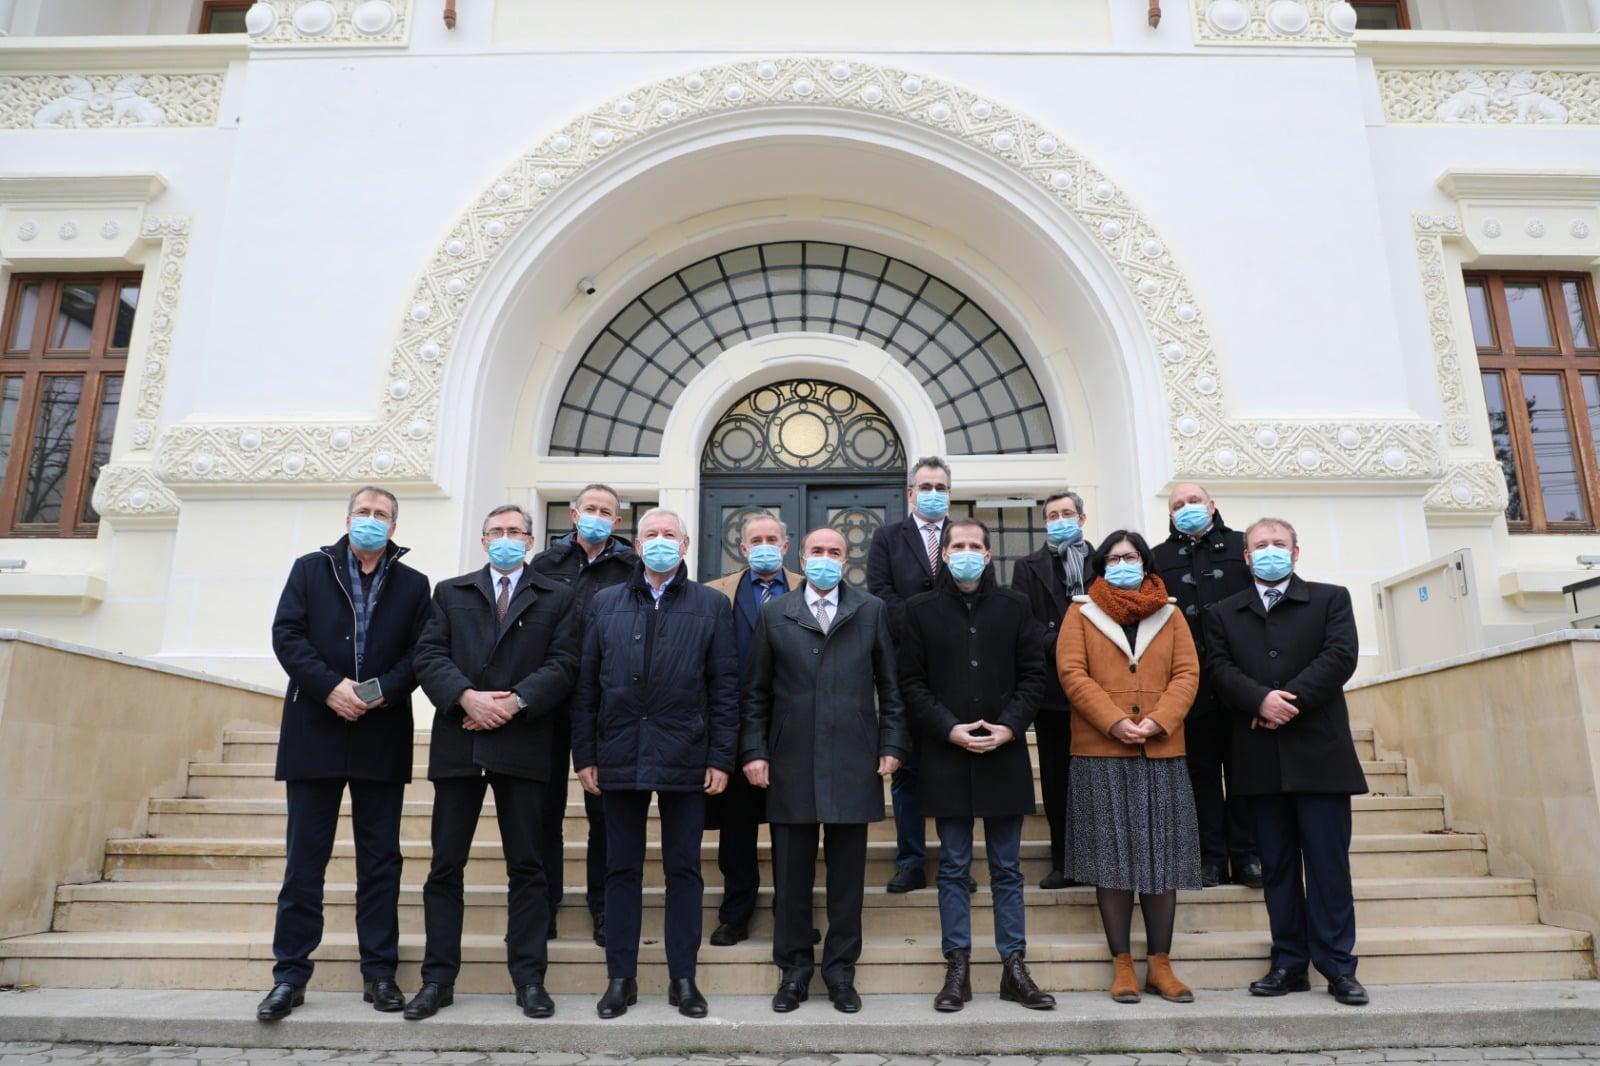 UAIC a efectuat o vizită oficială la Consiliul Județean Vrancea în vederea înființării unei extensiuni la Focșani